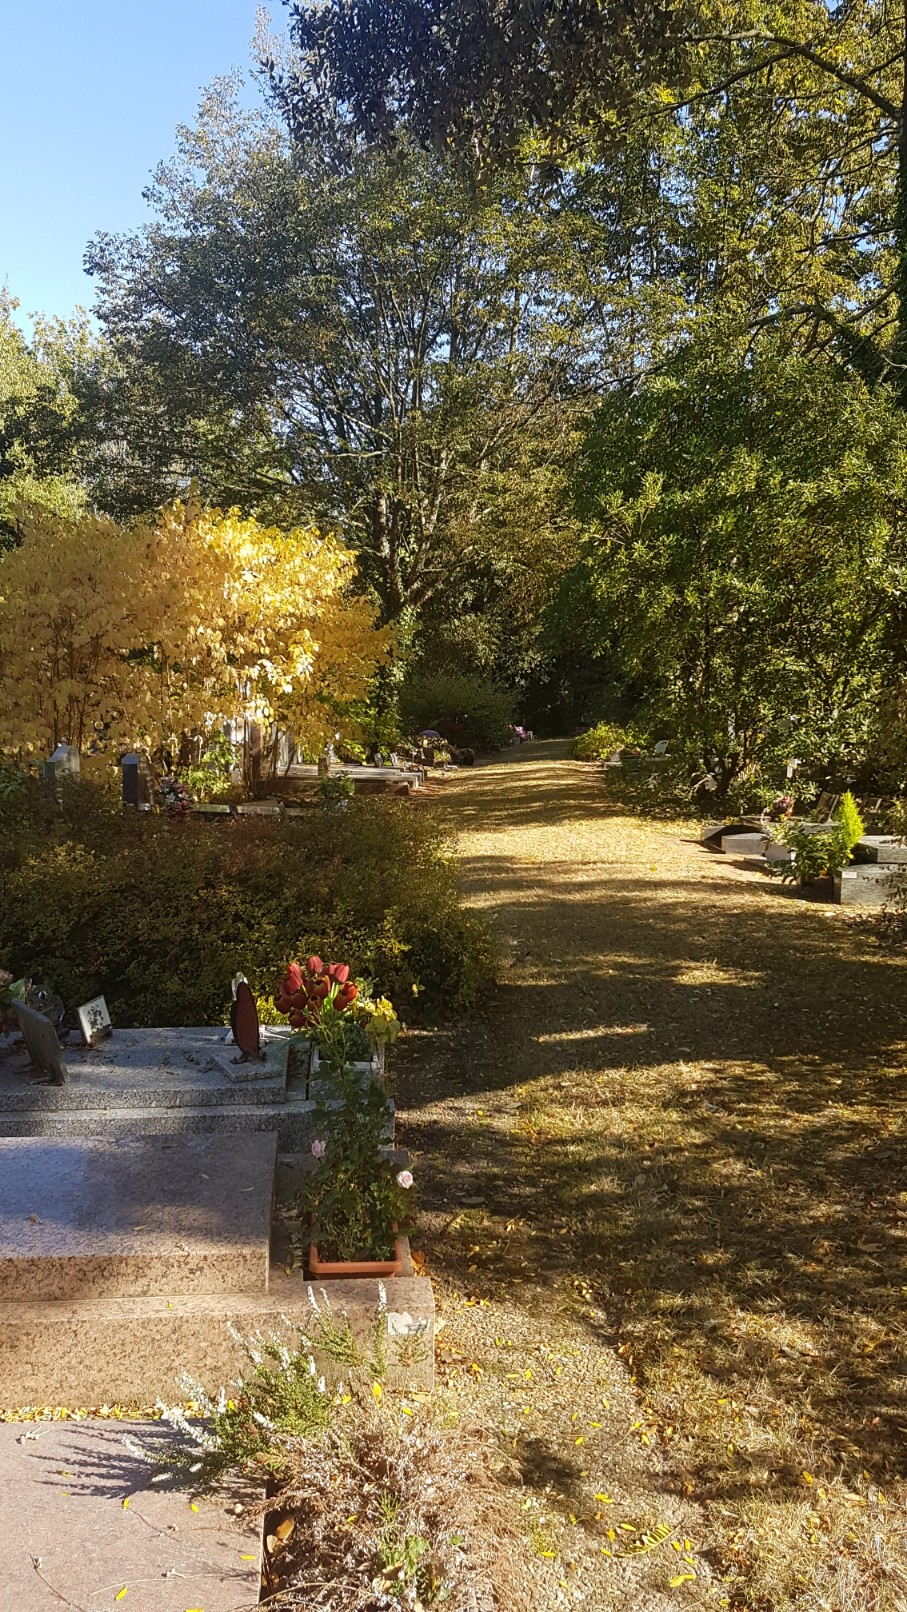 Au pied de mon arbre ... - Les cimetières pleins de vie - Page 2 20181033